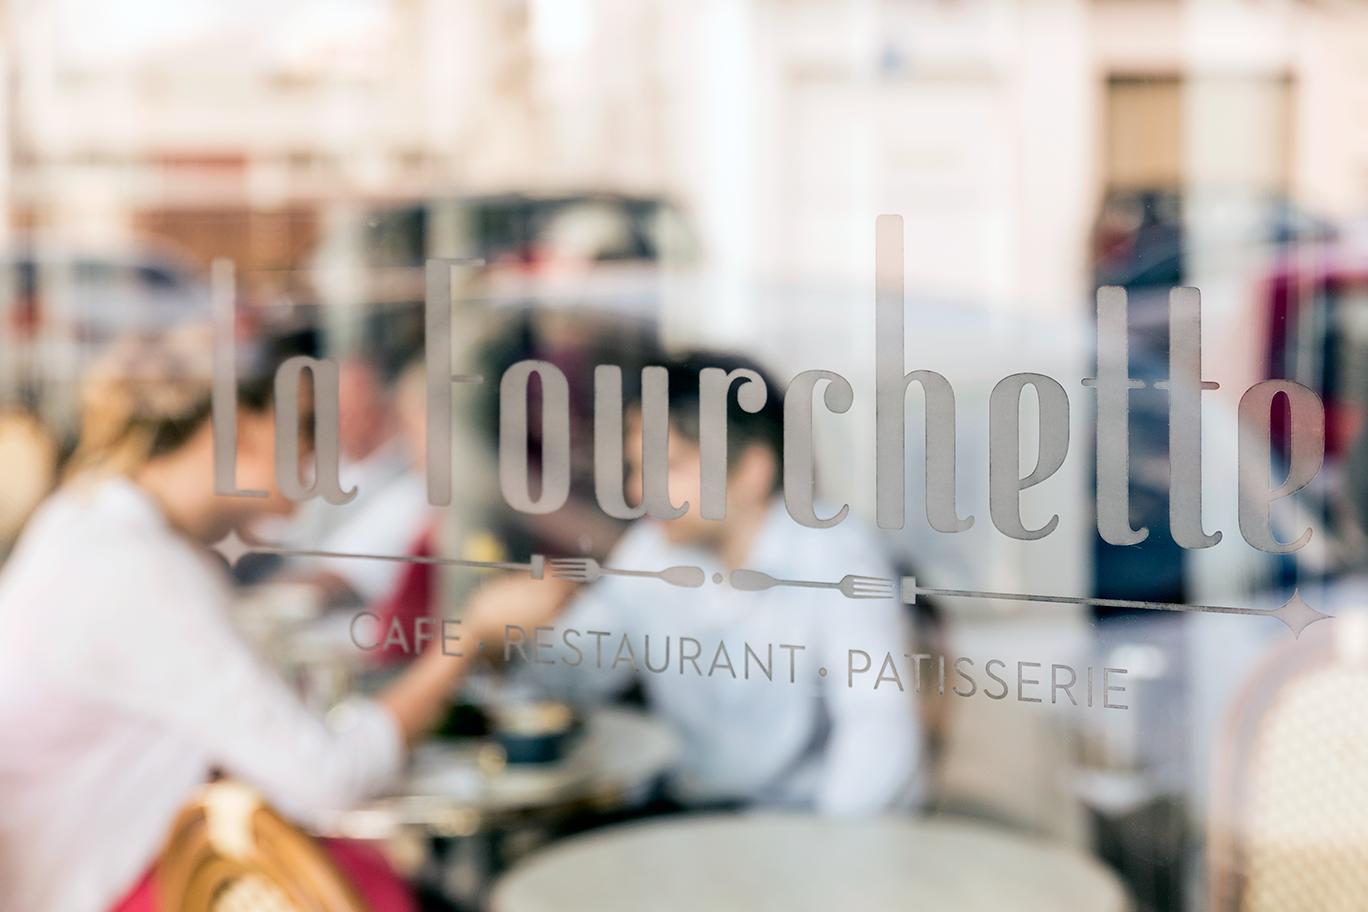 La-Fourchette-Restaurant-Brasserie-Window01.png